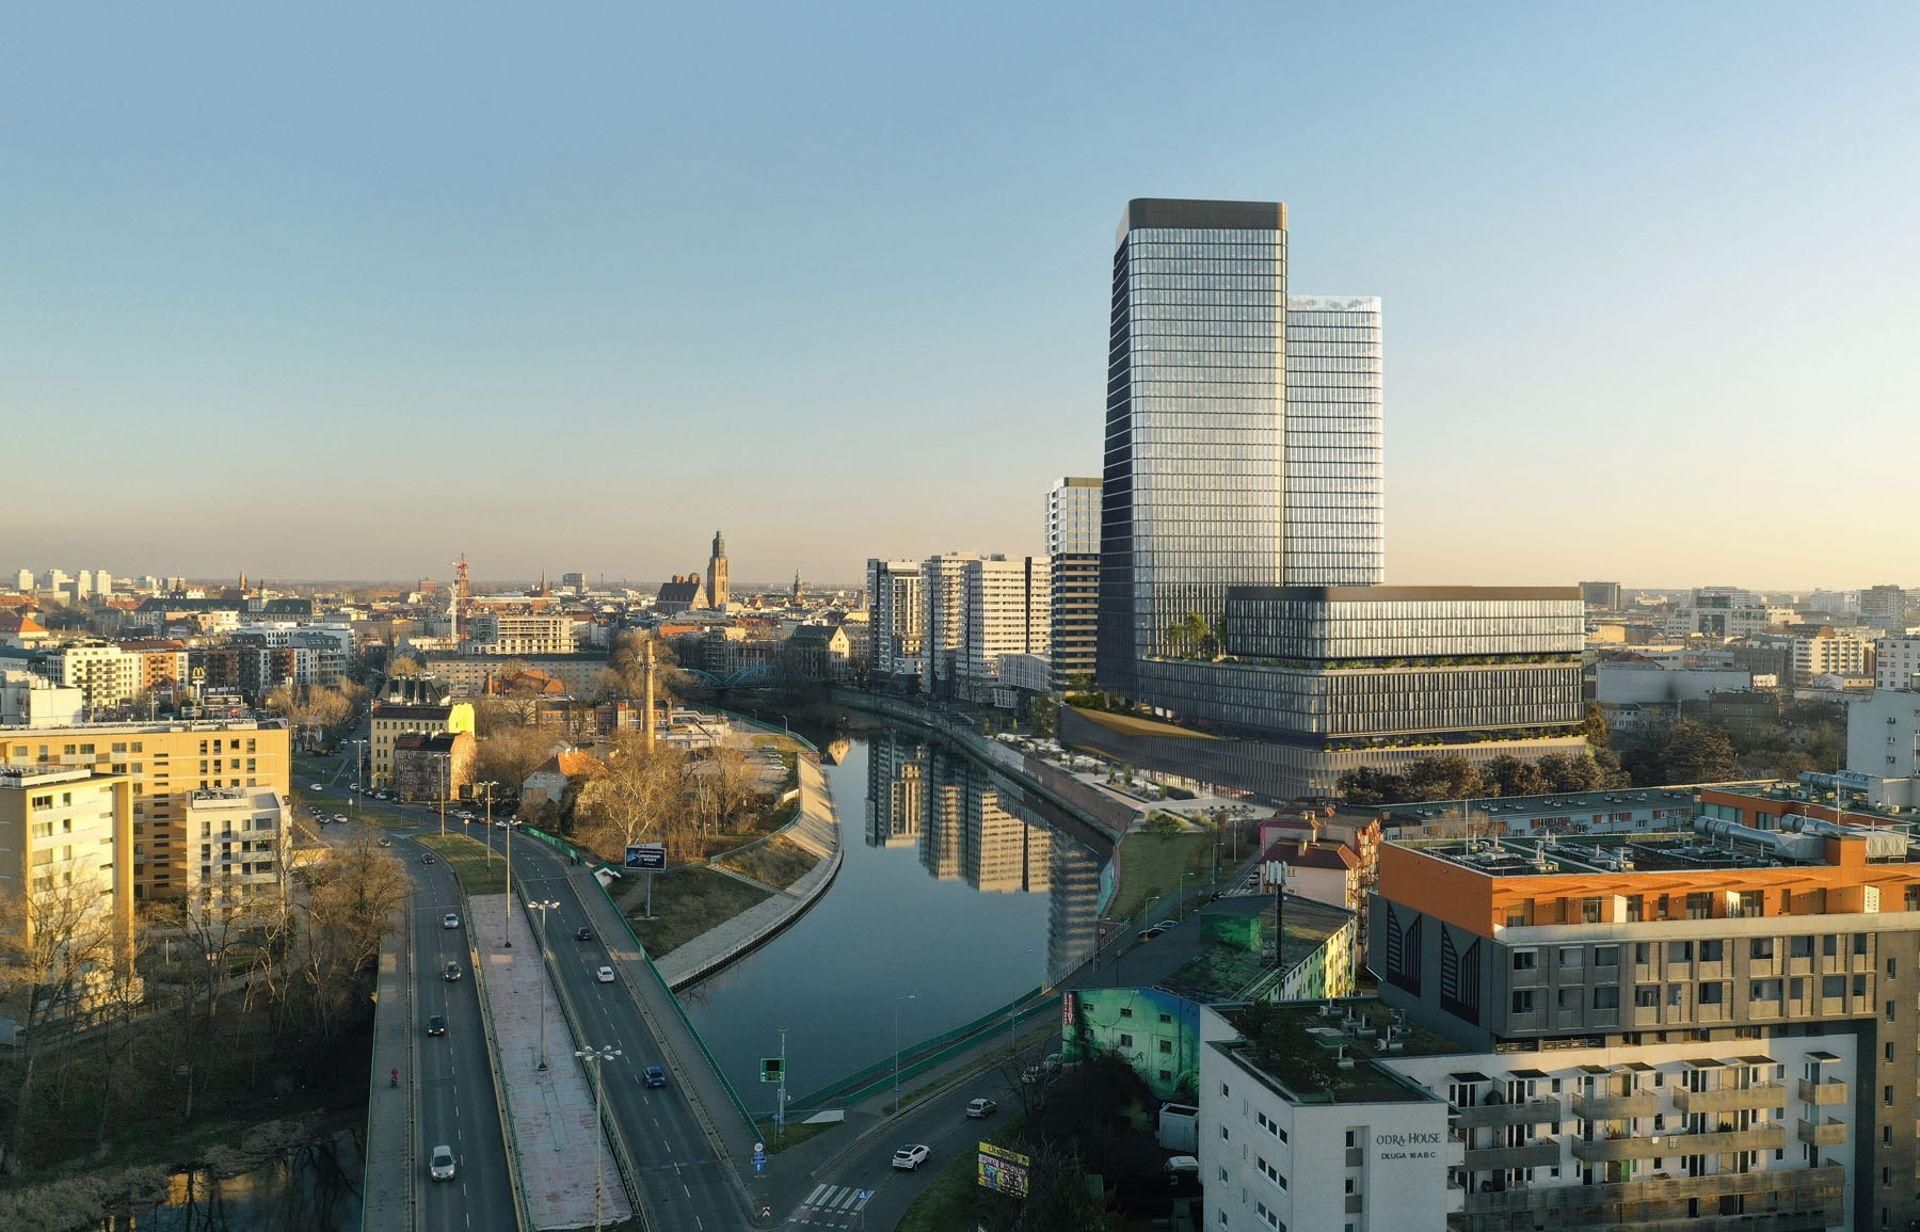 Ruszyła budowa pierwszej wieży Quorum w centrum Wrocławia [FILM + ZDJĘCIA + WIZUALIZACJE]